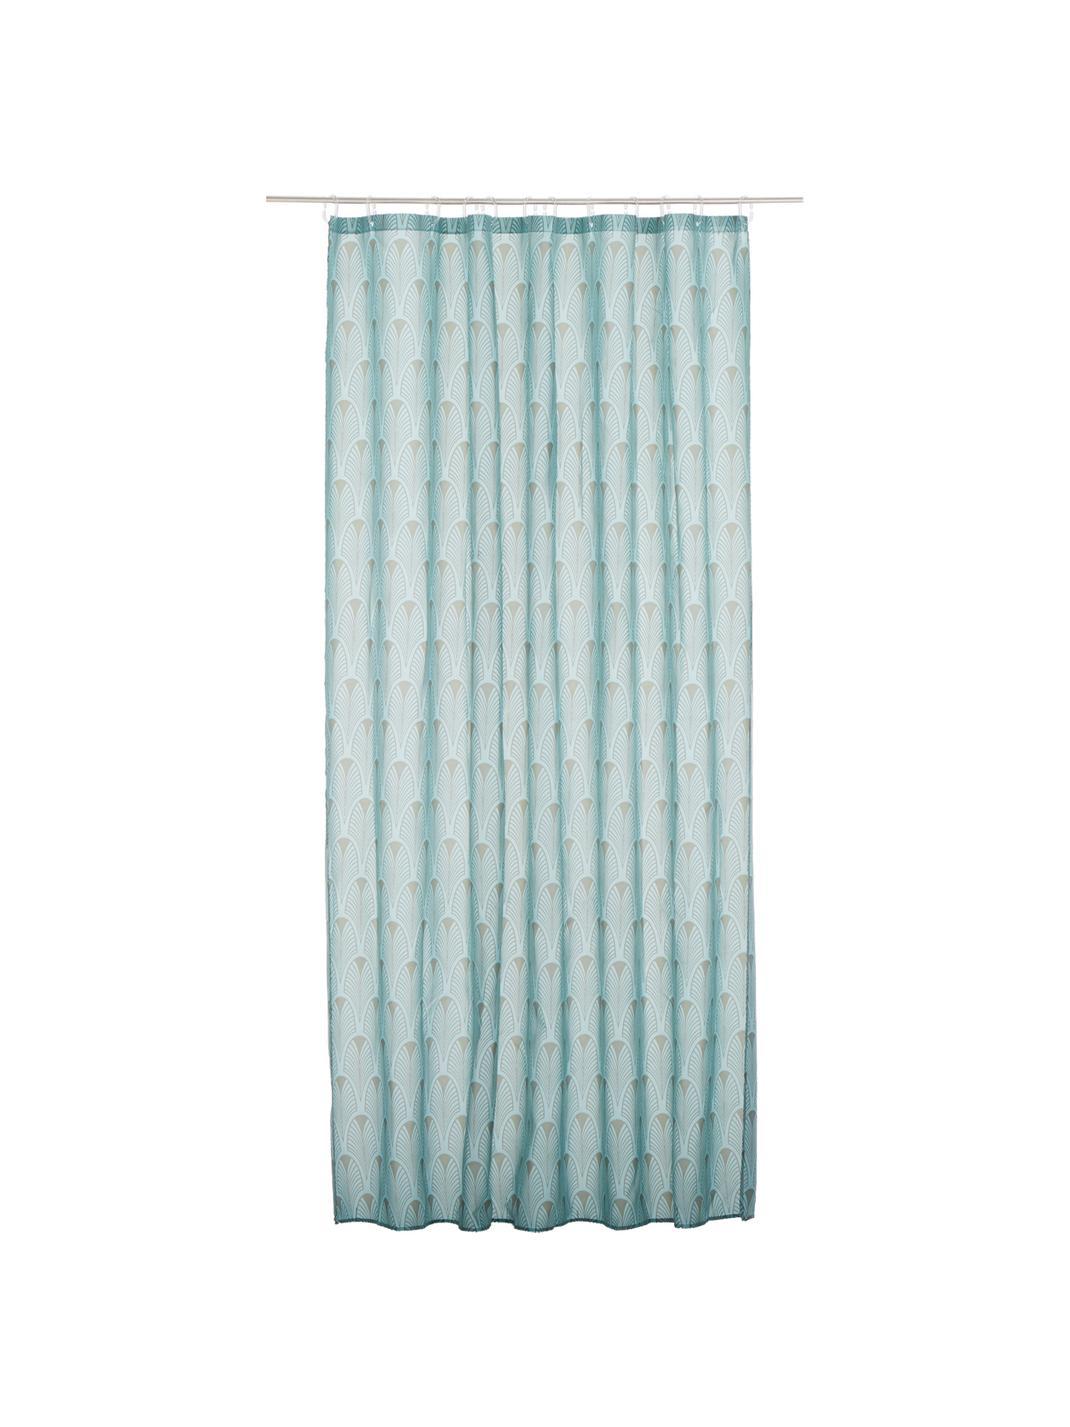 Ashville shower curtain, Art Deco style